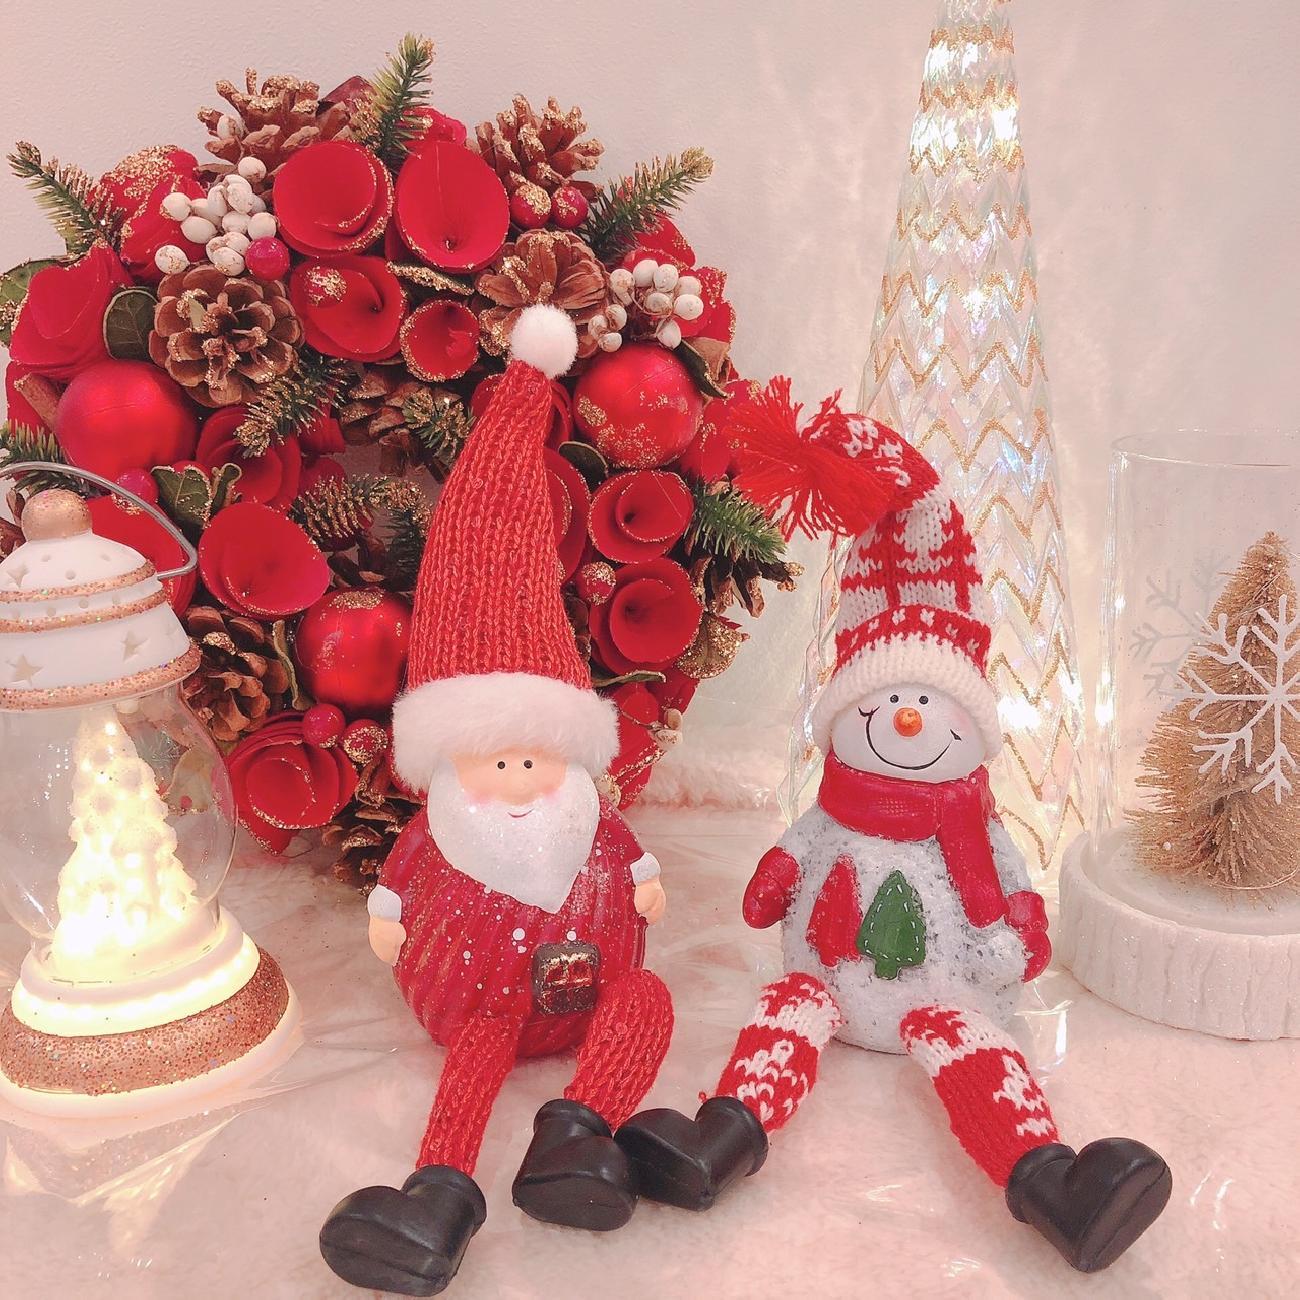 クリスマス/おうち時間/デコレーション/リース/LEDライト/冬ギフト